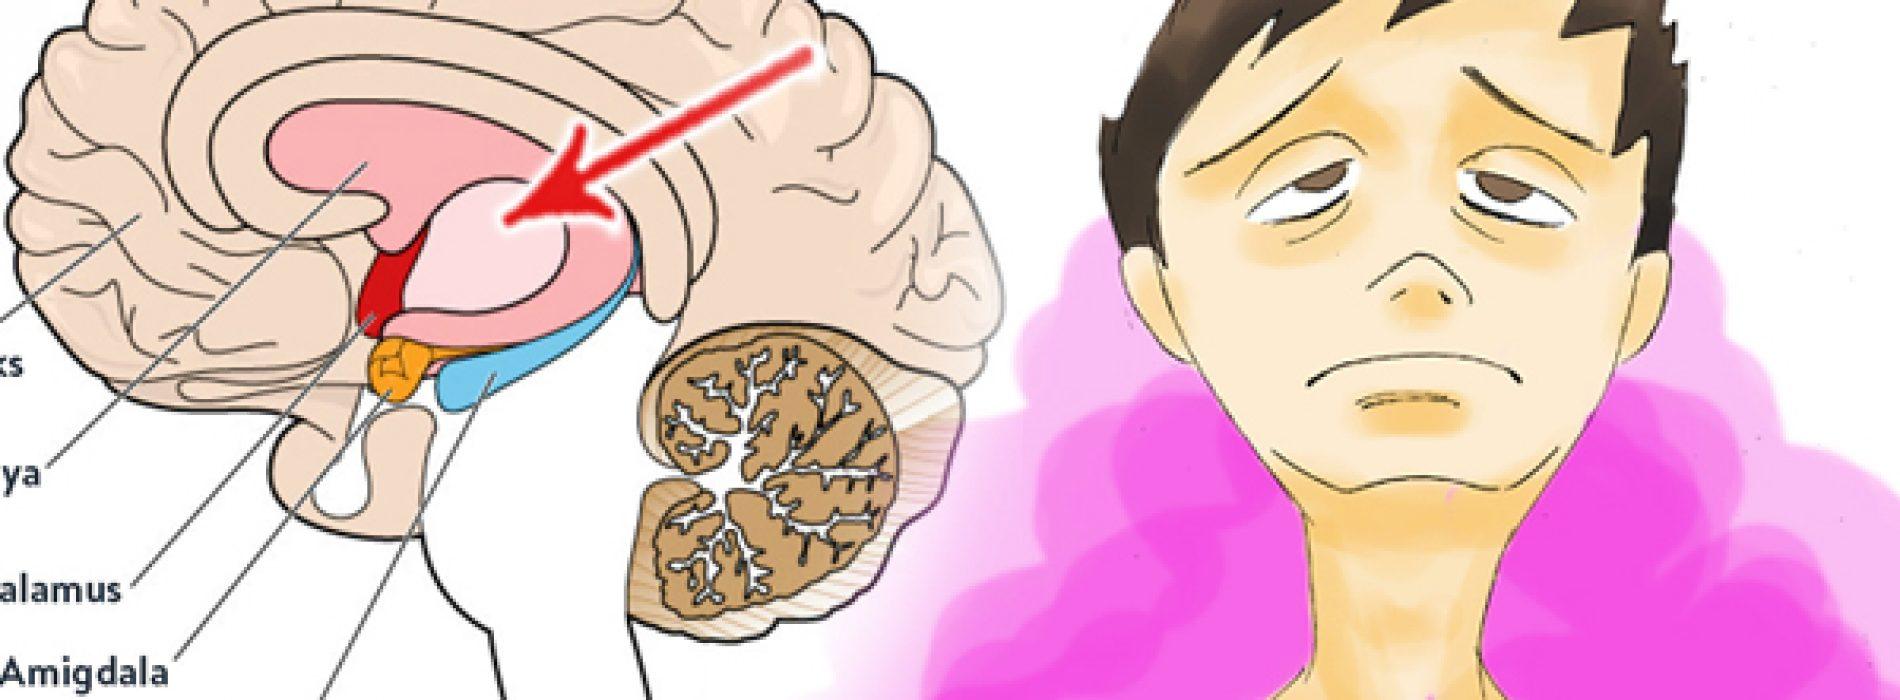 10 gevaarlijke bijwerkingen van onvoldoende slaap krijgen